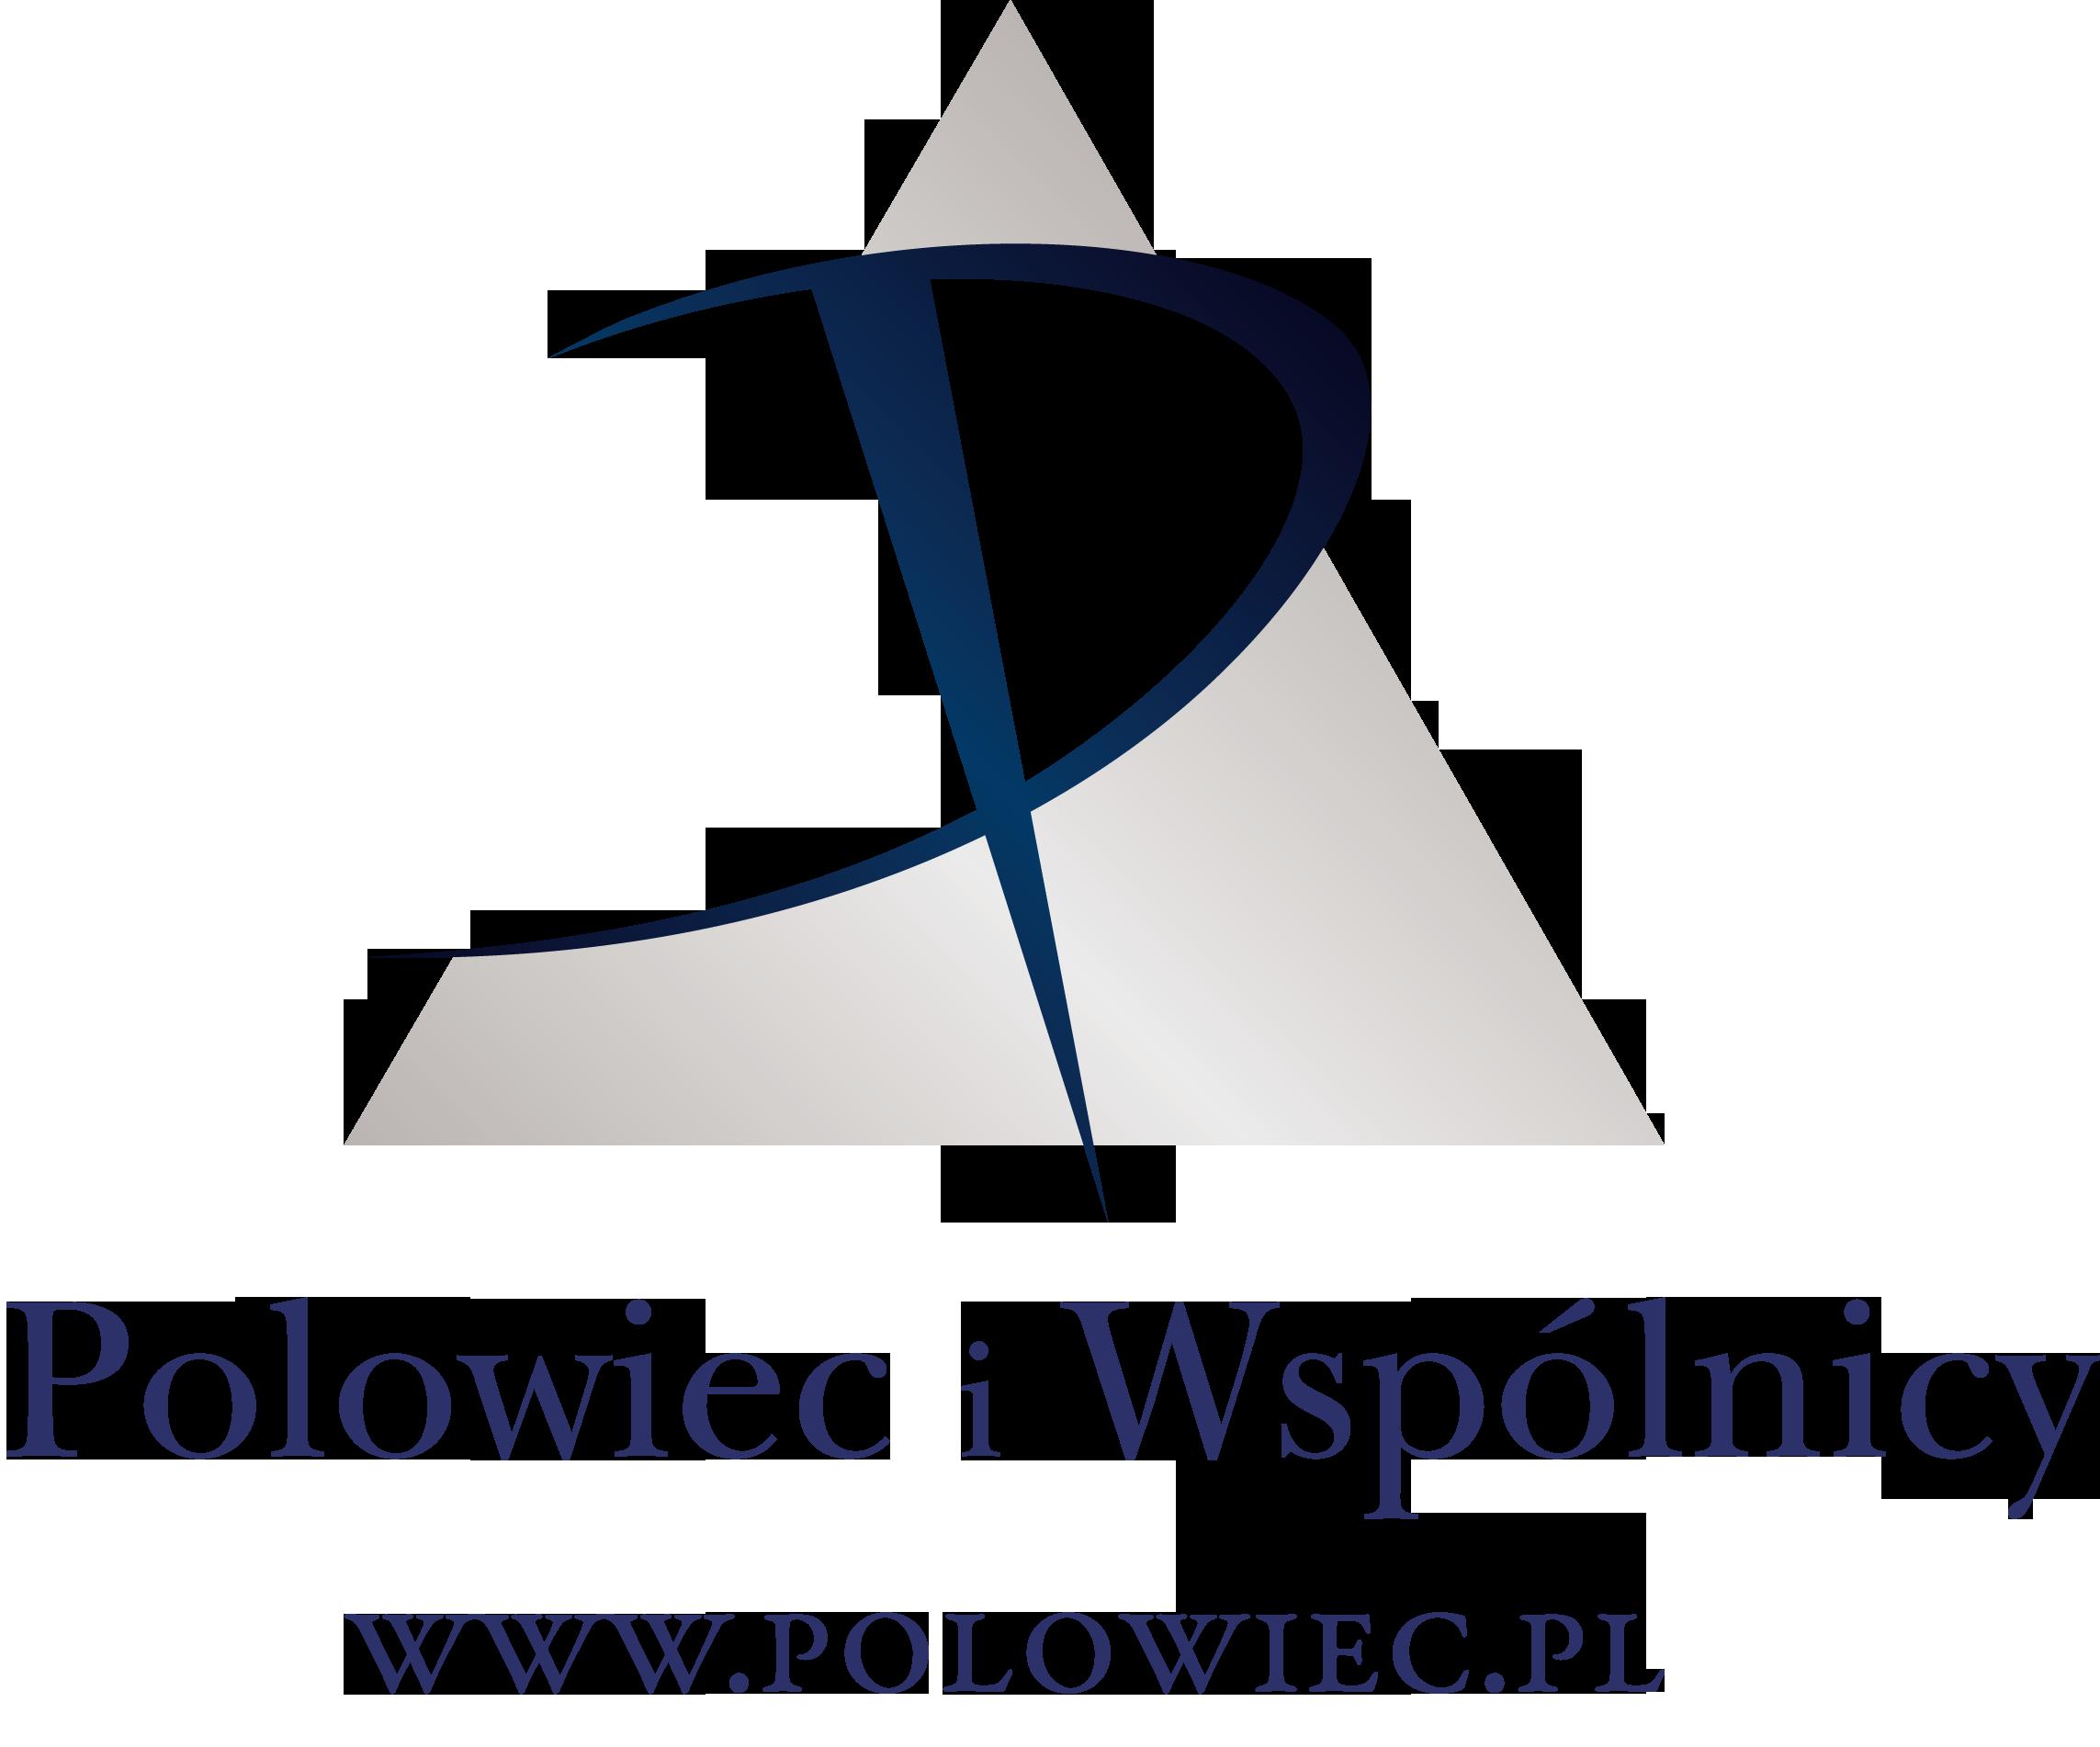 Kancelaria Polowiec i Wspólnicy